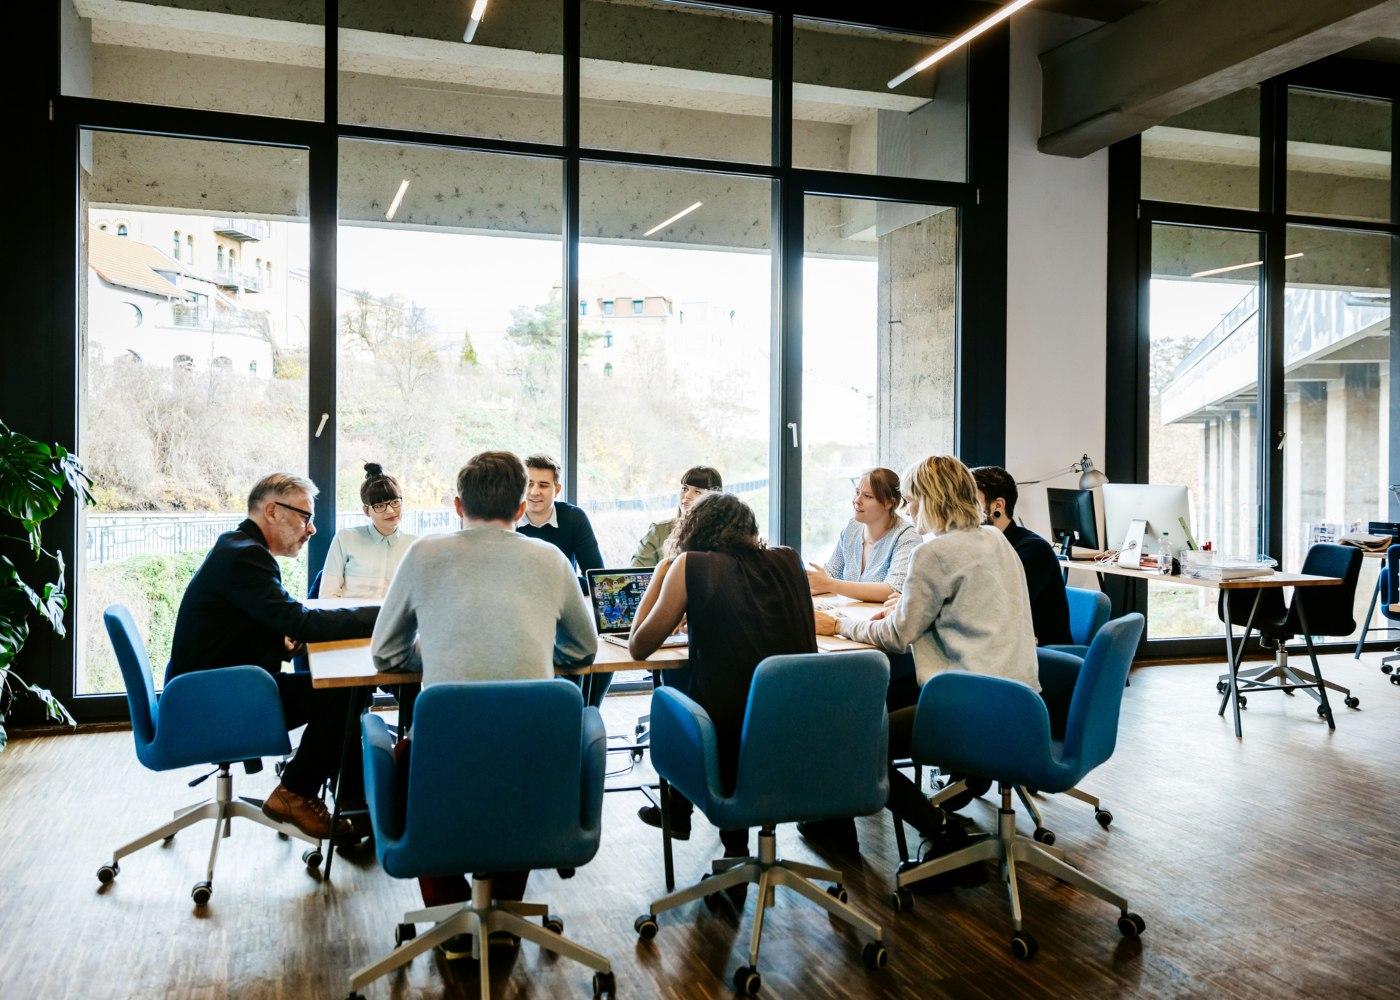 equipa em reunião